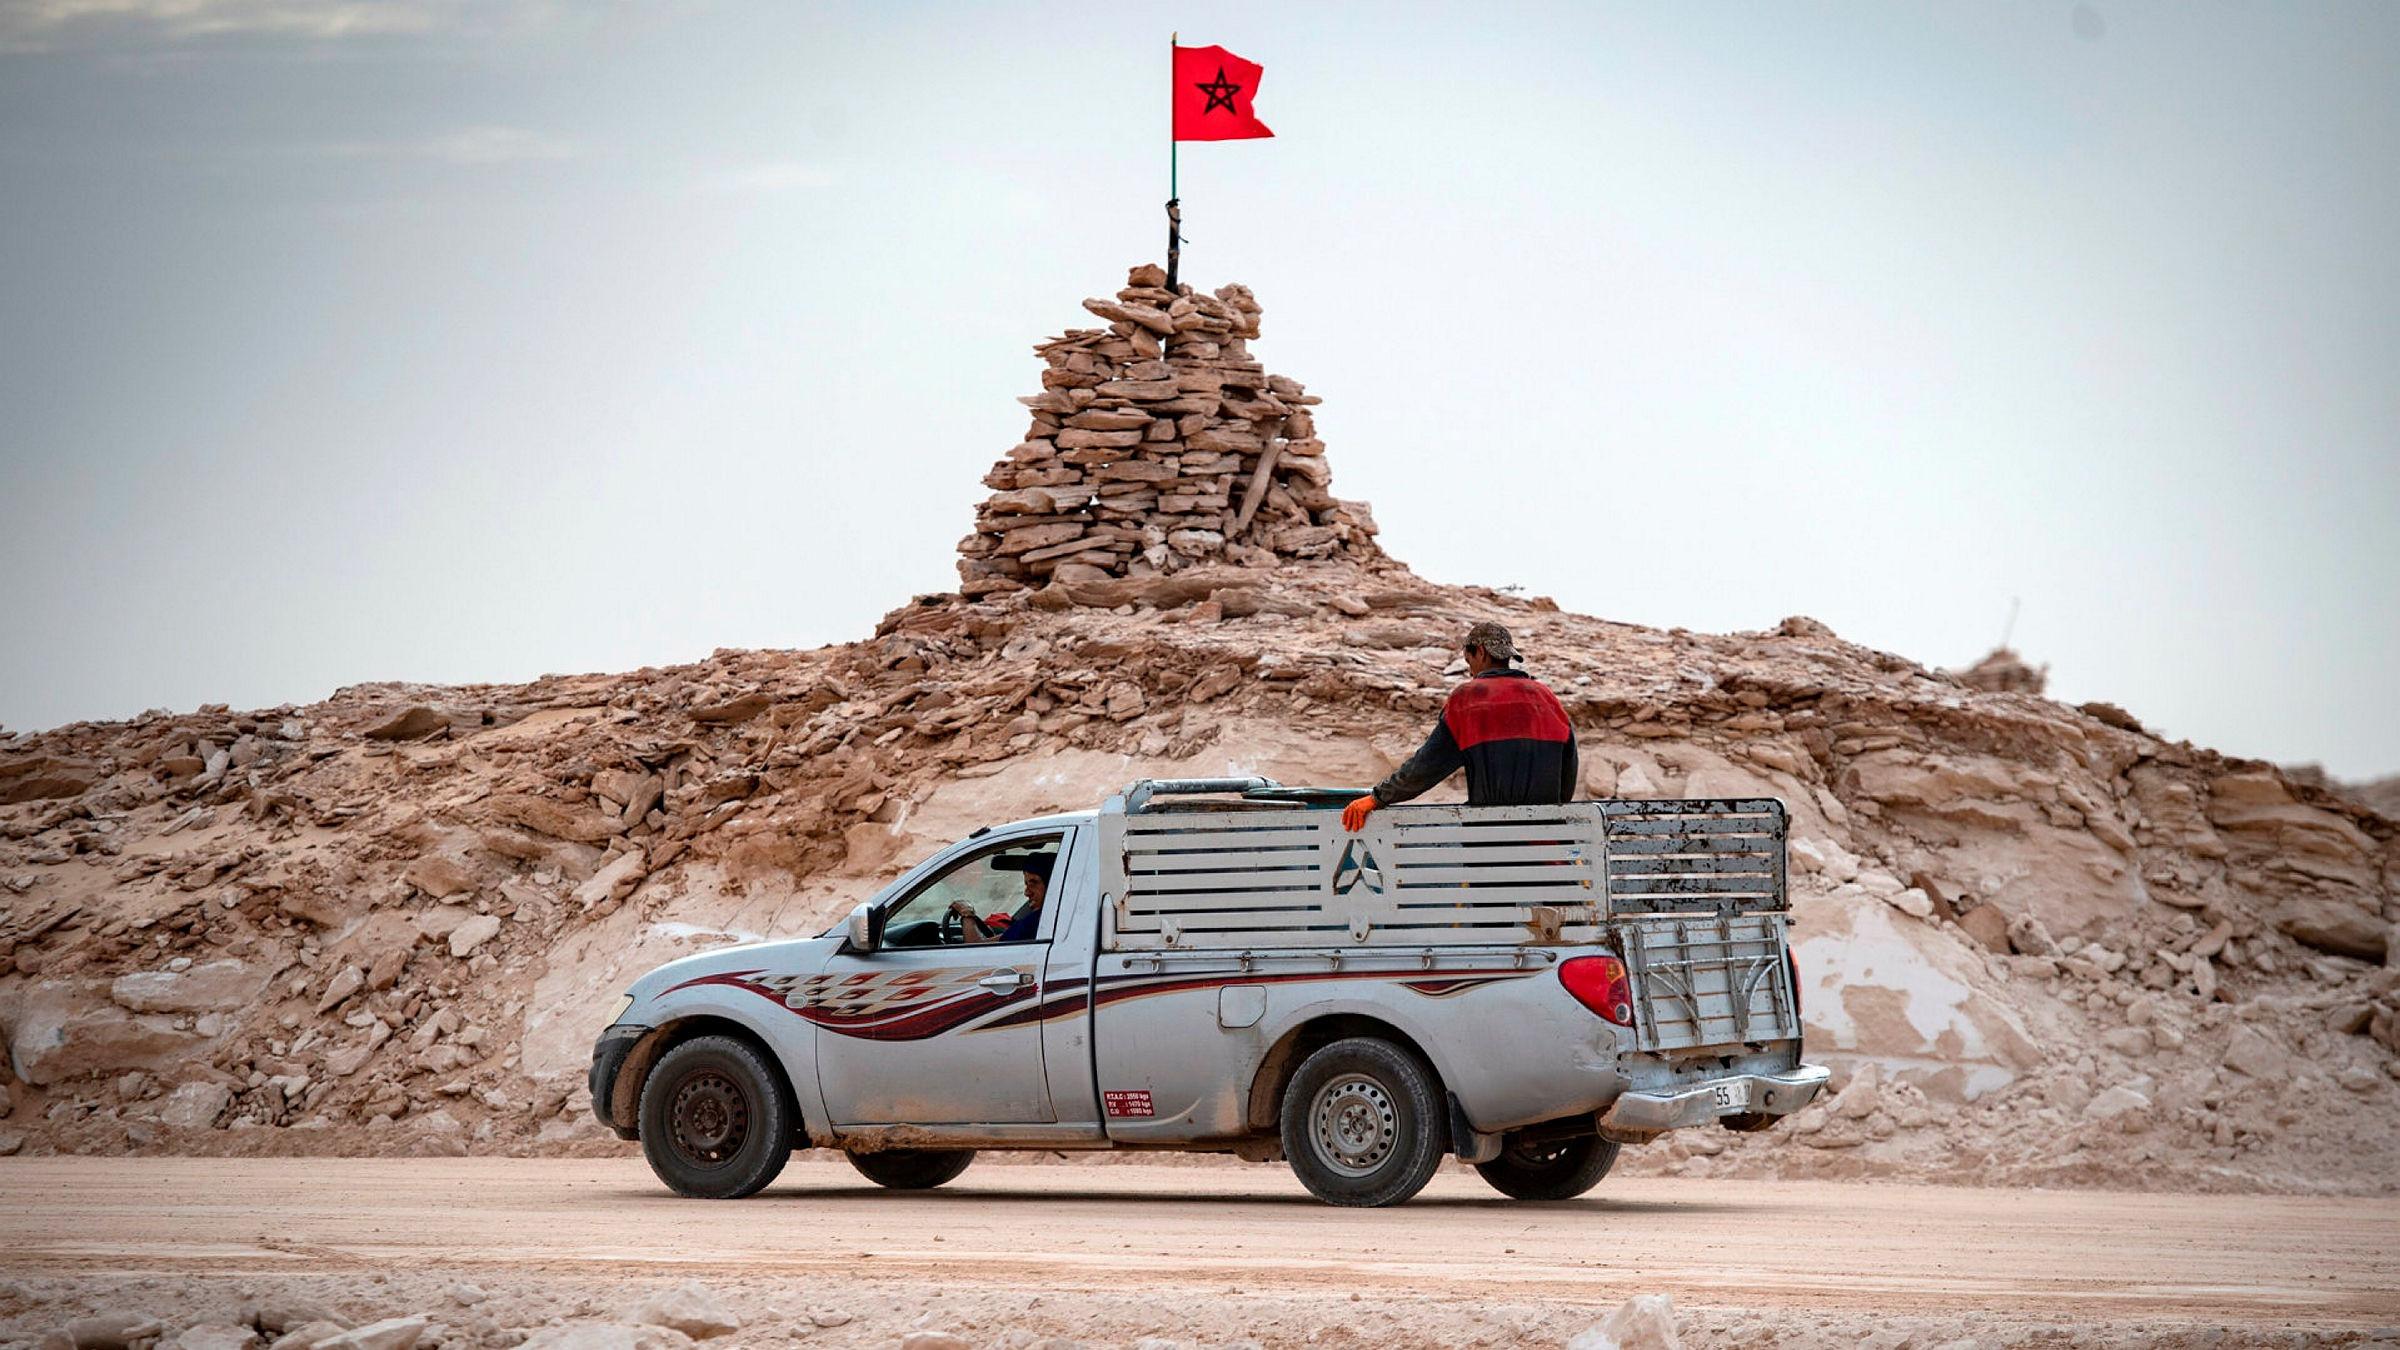 الصحراء الغربية: حقوق الصحراويين رهينة لتفضيل الشركات الأرباح على أخلاقيات العمل